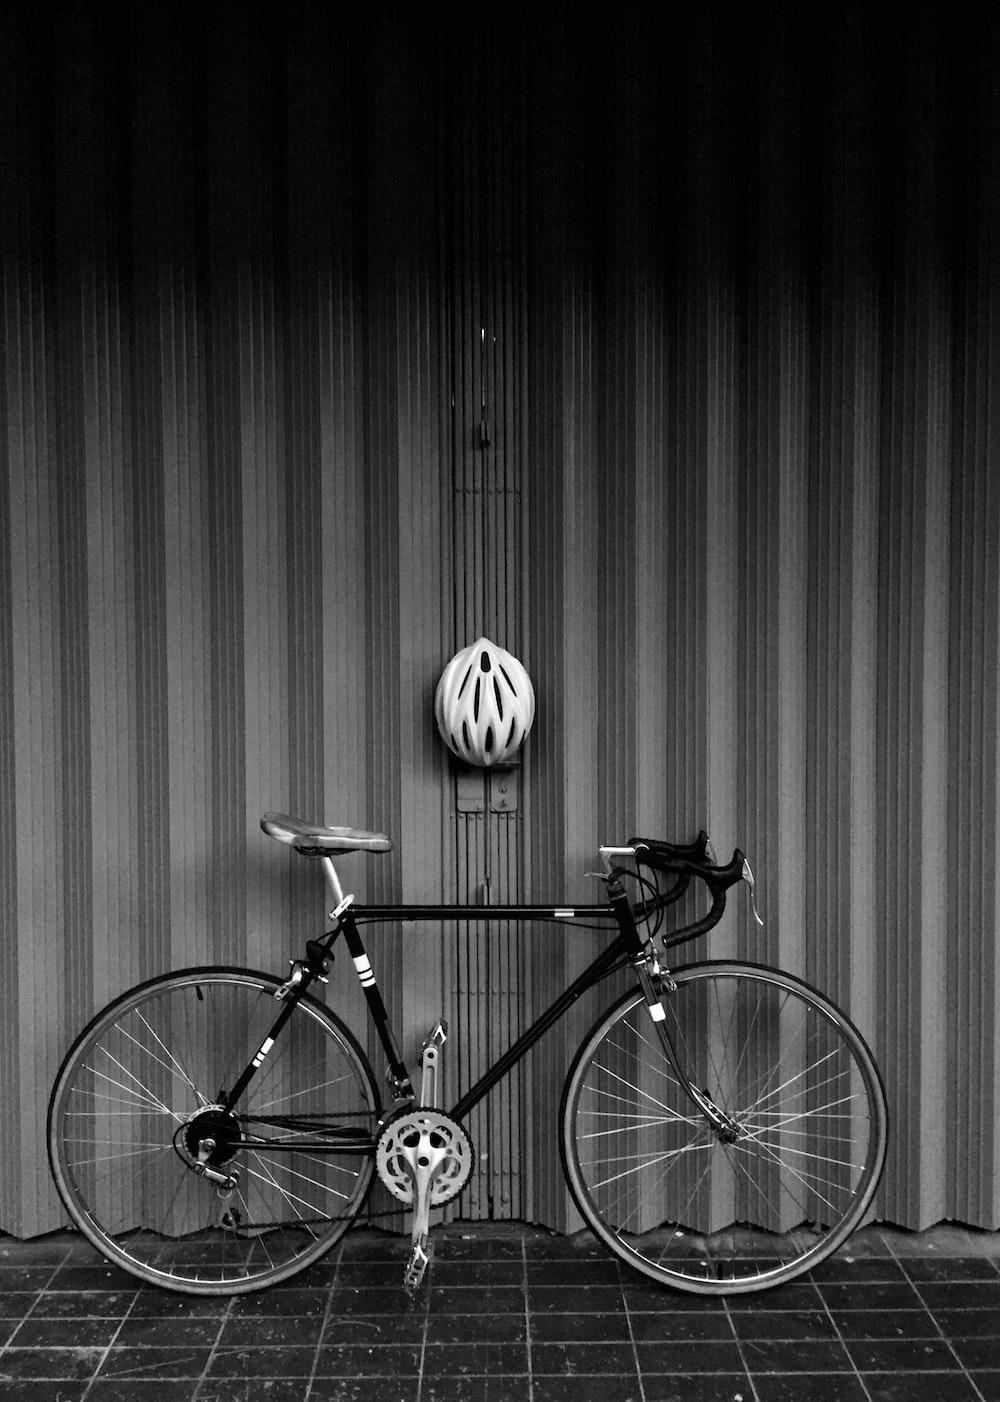 grayscale photo of road bike